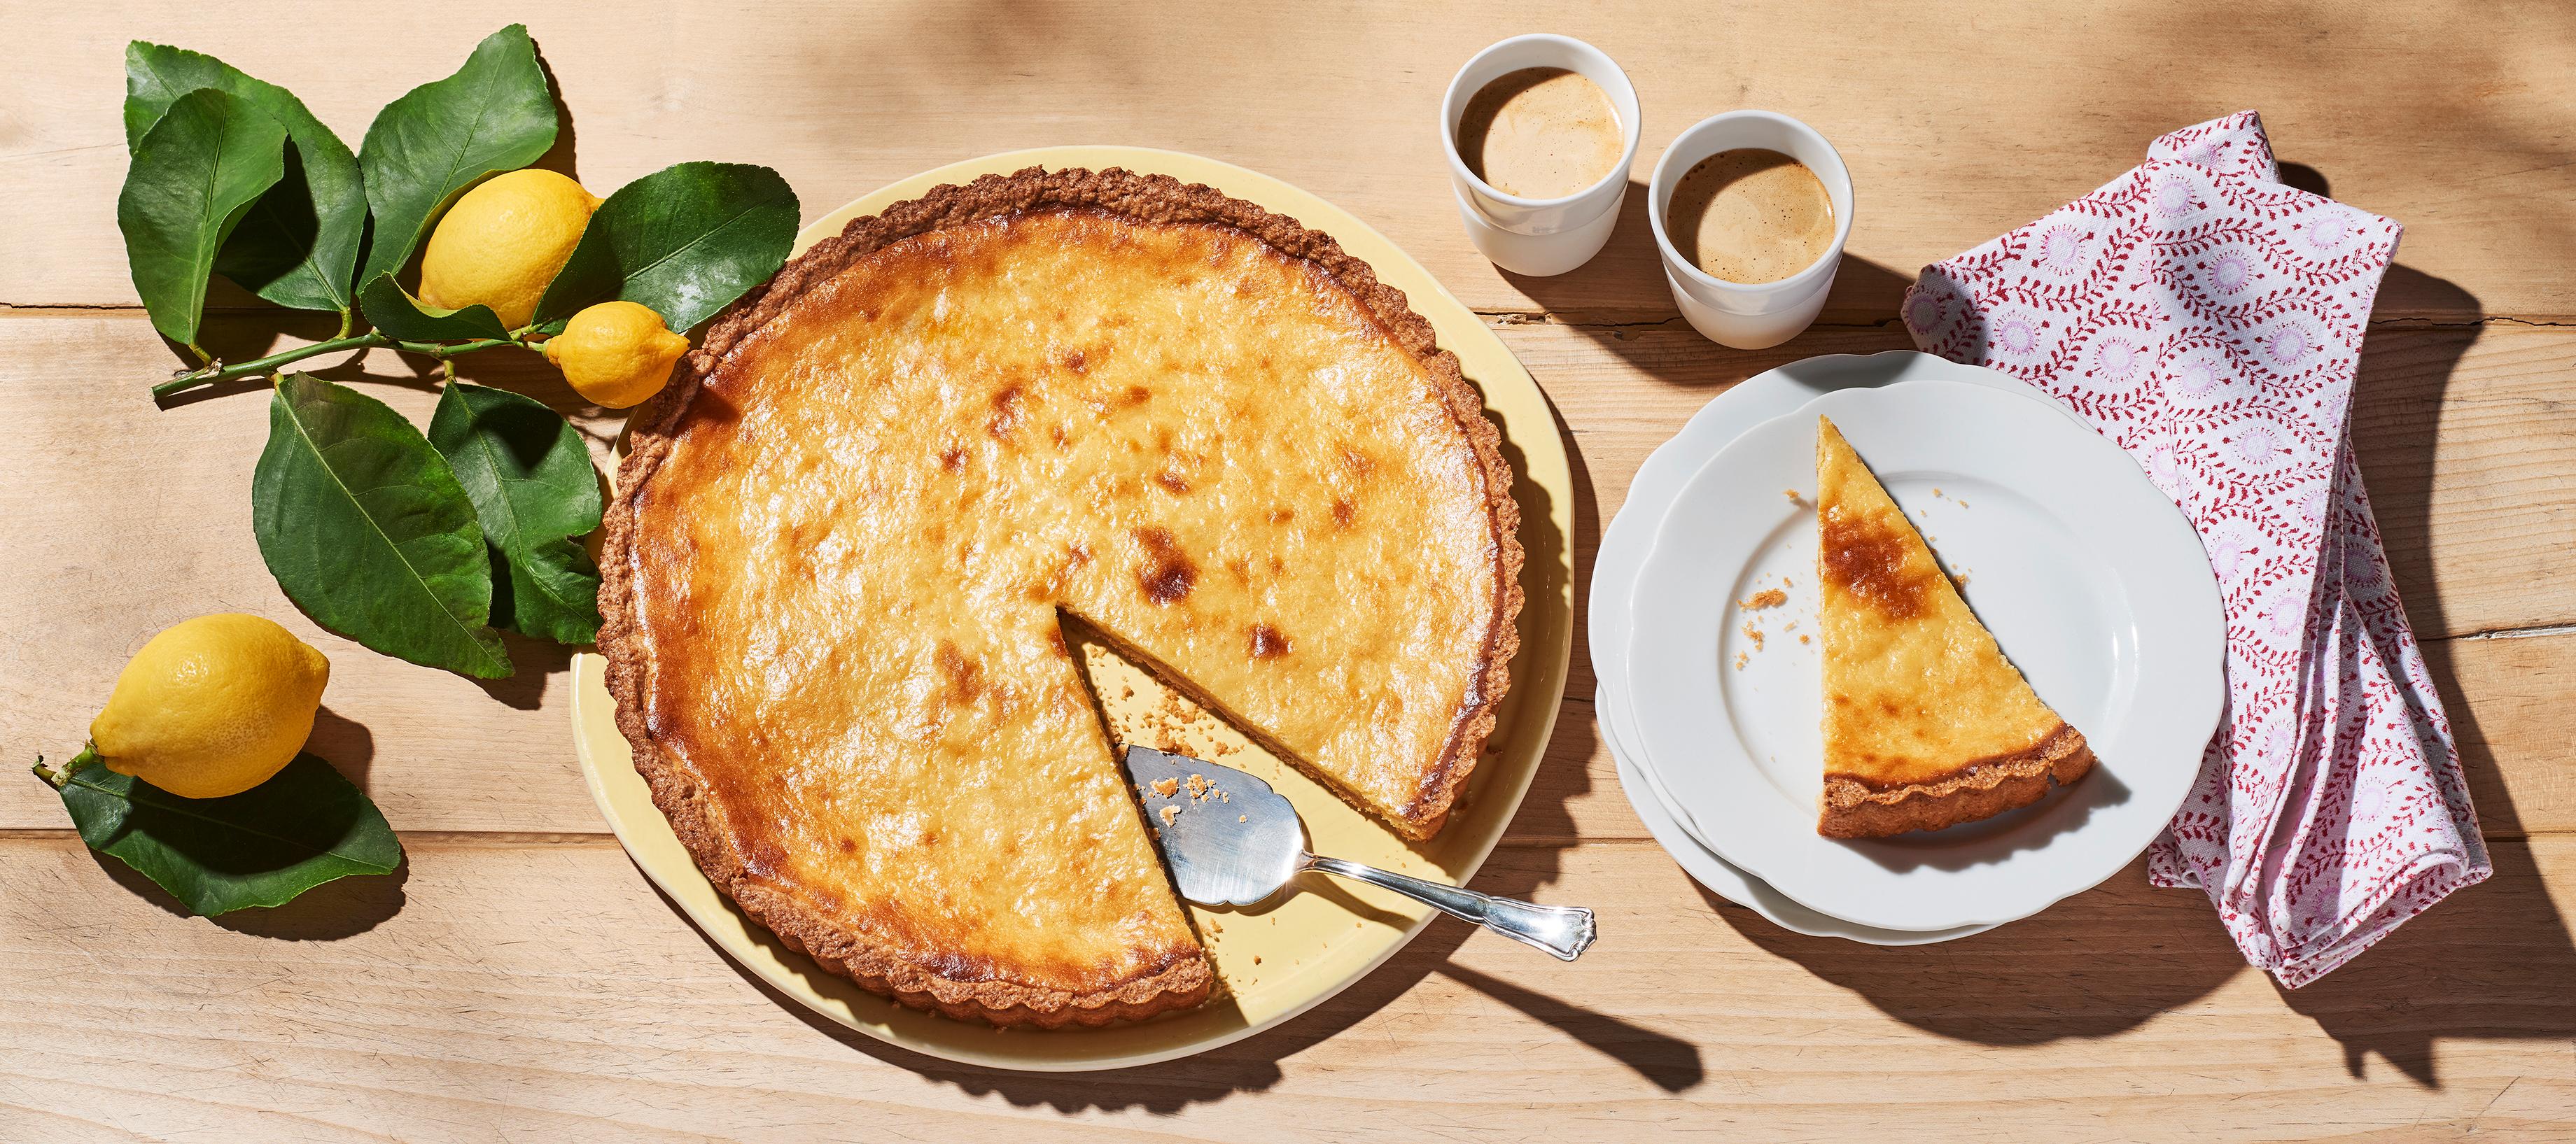 Perfekt für die Sommerparty: Zitronentarte mit Frischkäse.